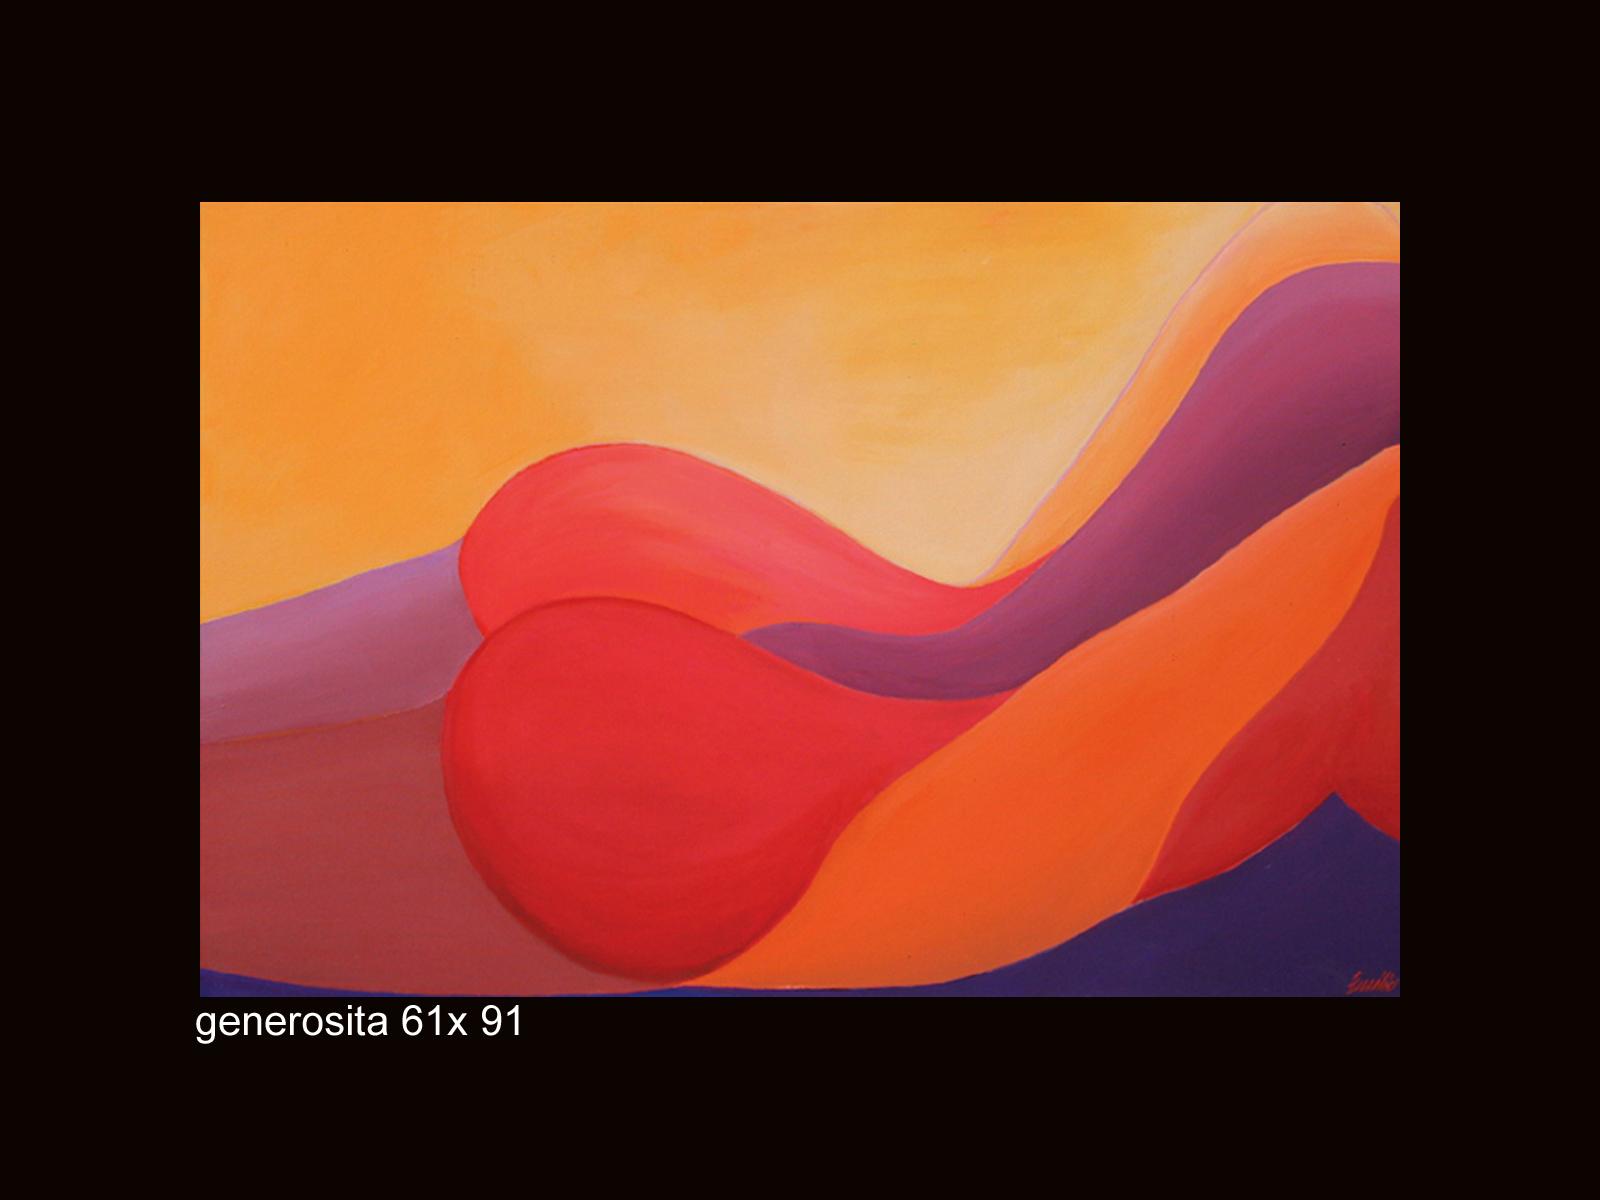 acrylic_generosita_61x91a